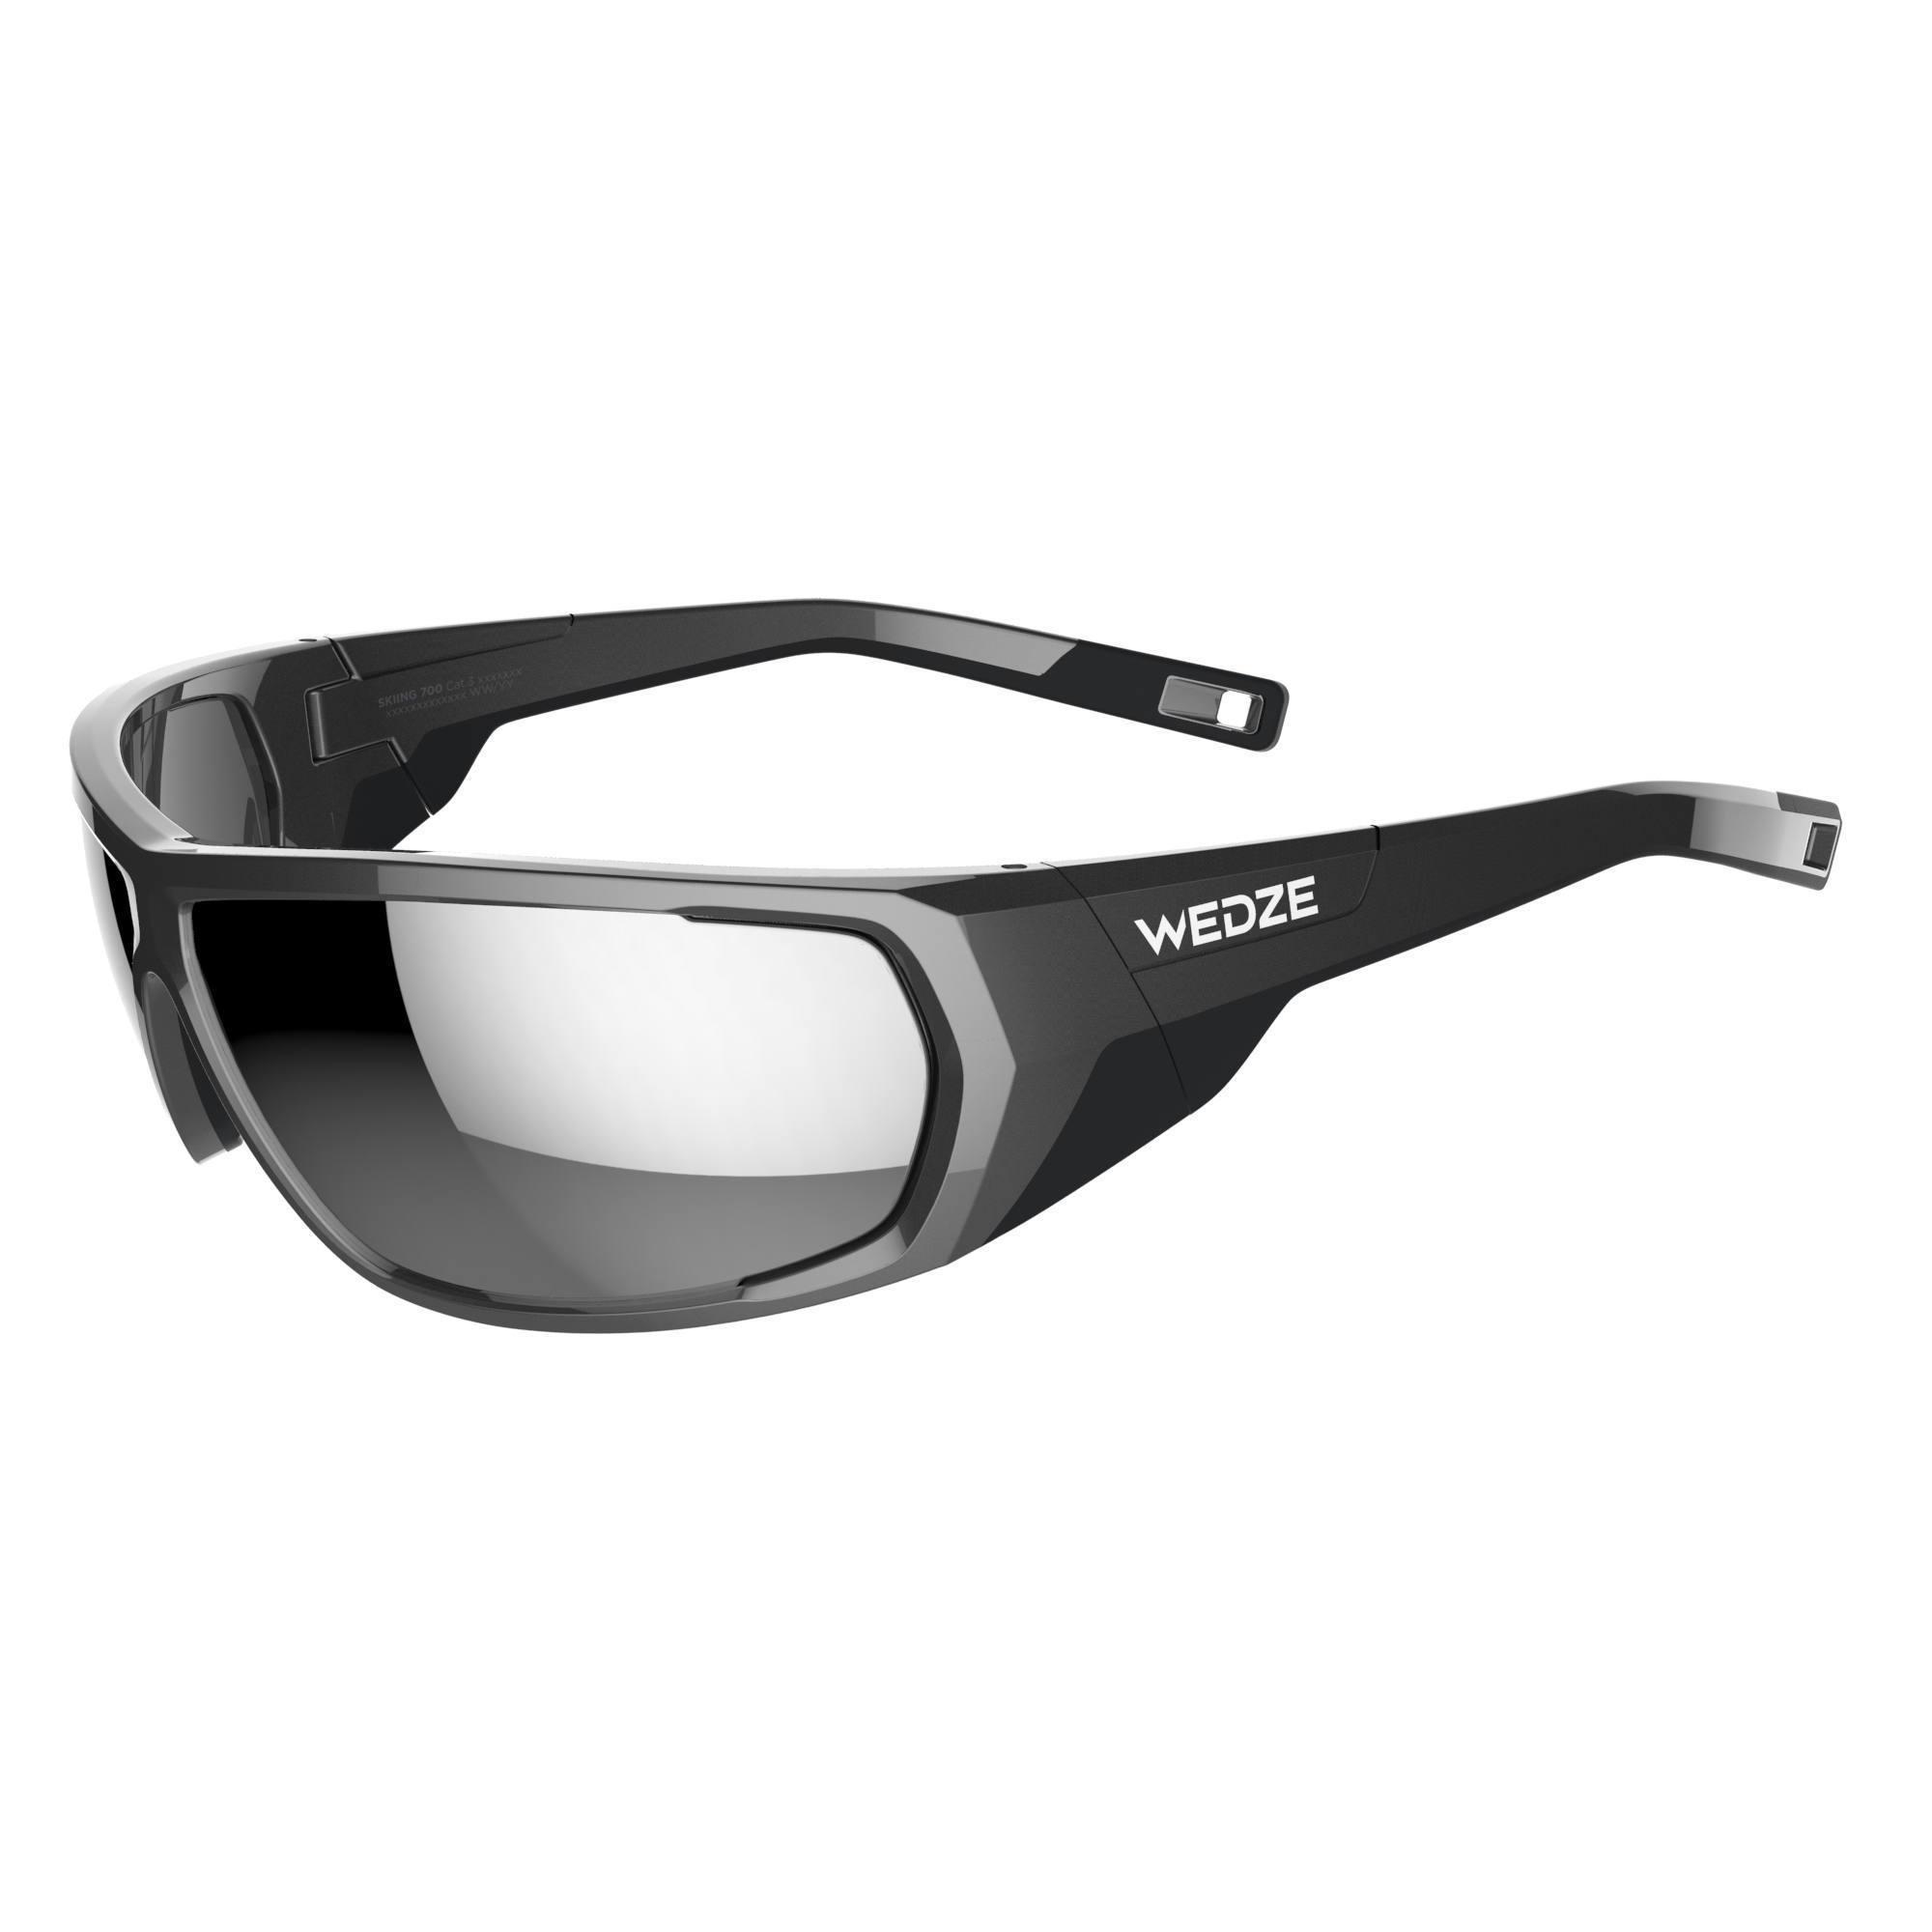 Lunettes de ski adulte SKIING 700 grises & noires polarisantes catégorie 3